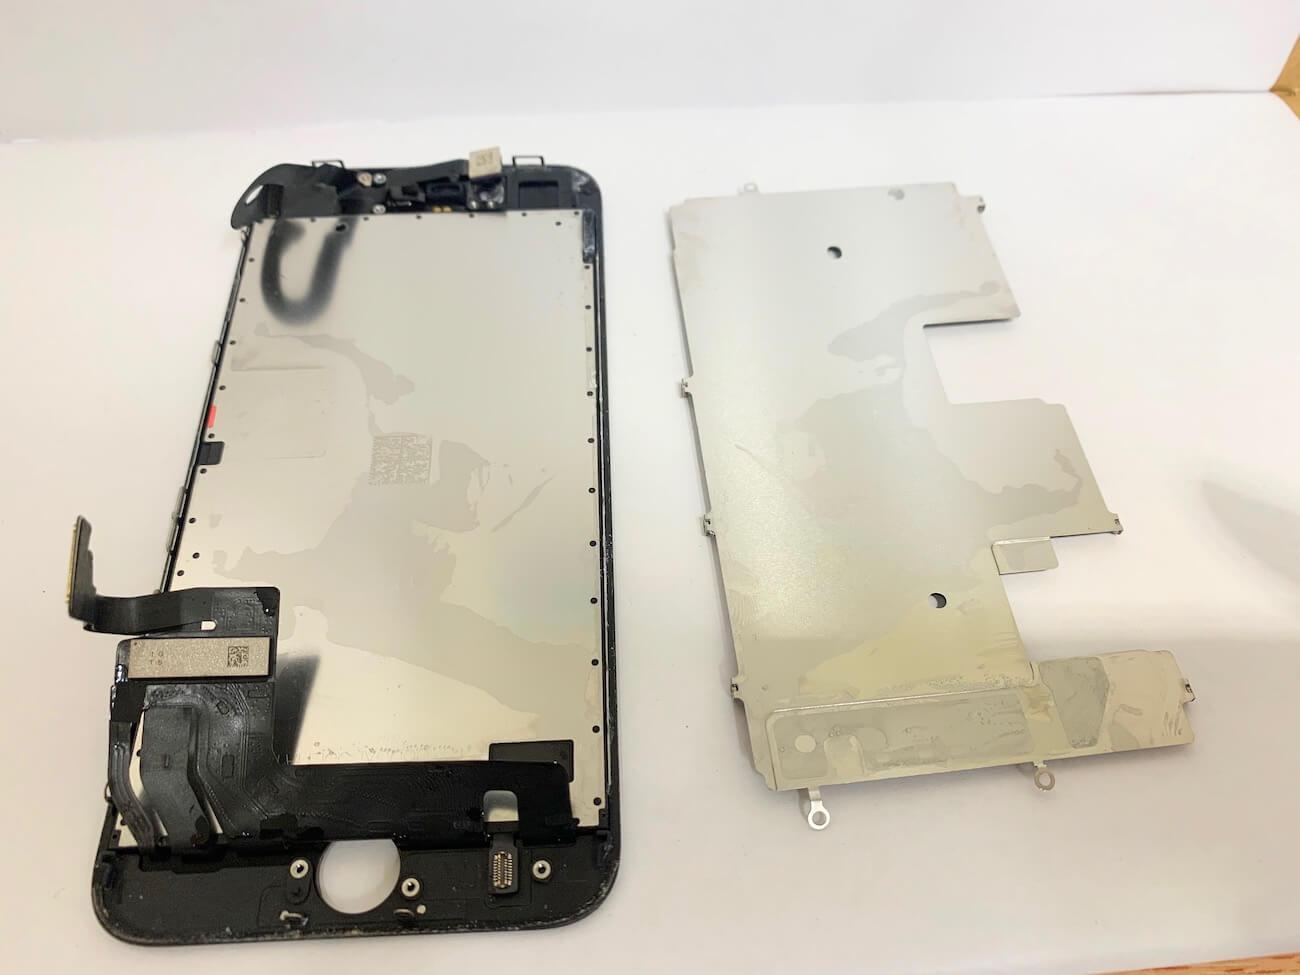 写真は、iPhoneSE(第二世代)に取り付けられていた画面液晶